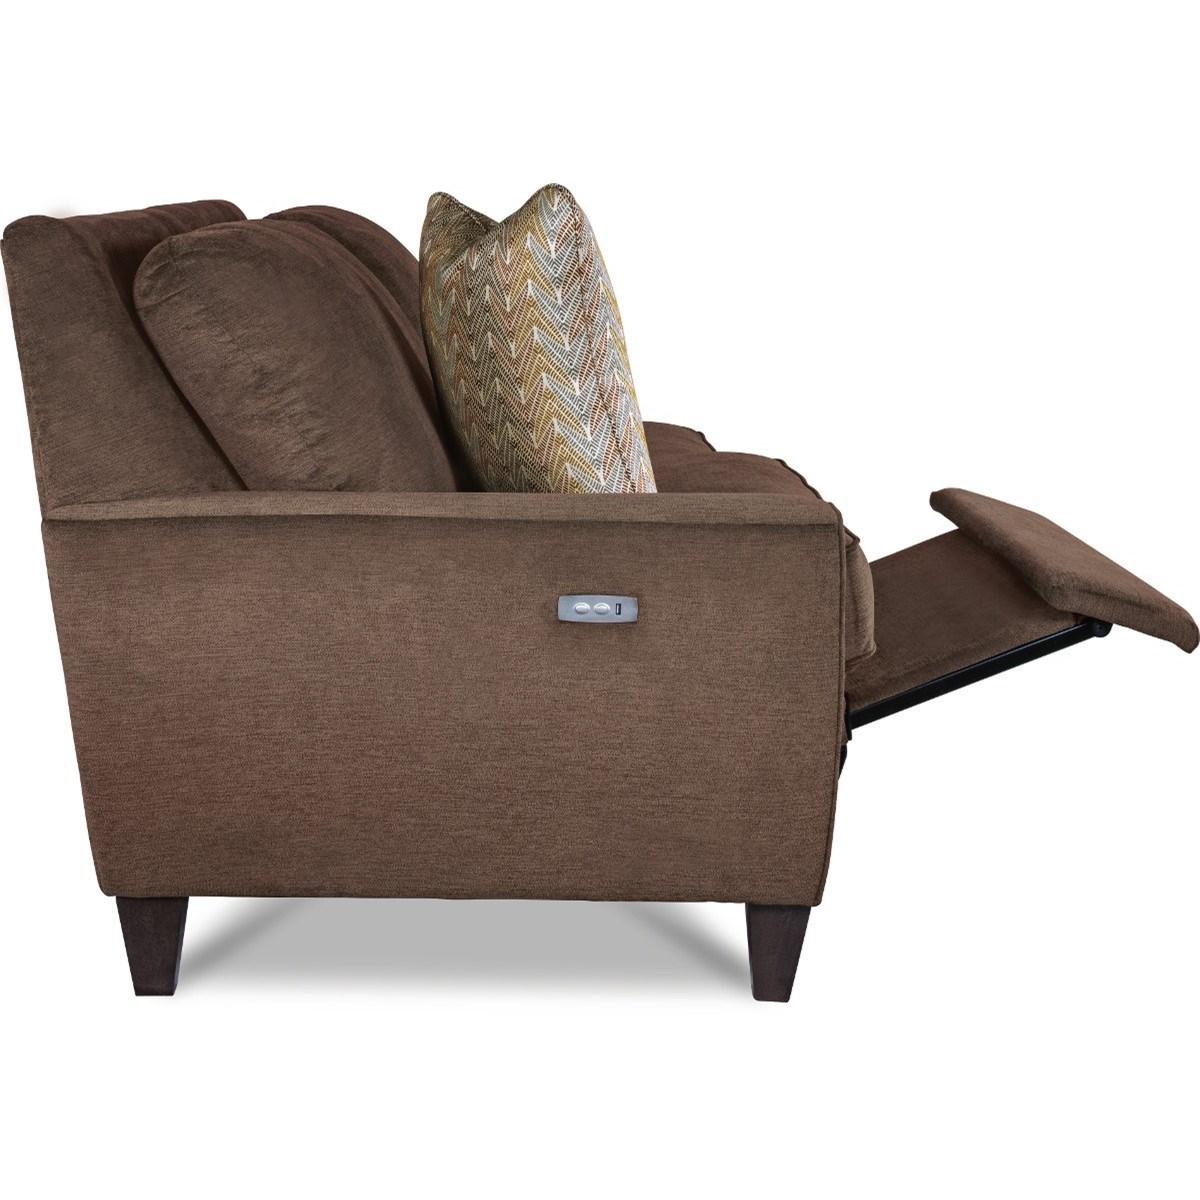 La Z Boy Edie Duo Power Reclining Two Seat Sofa With Usb